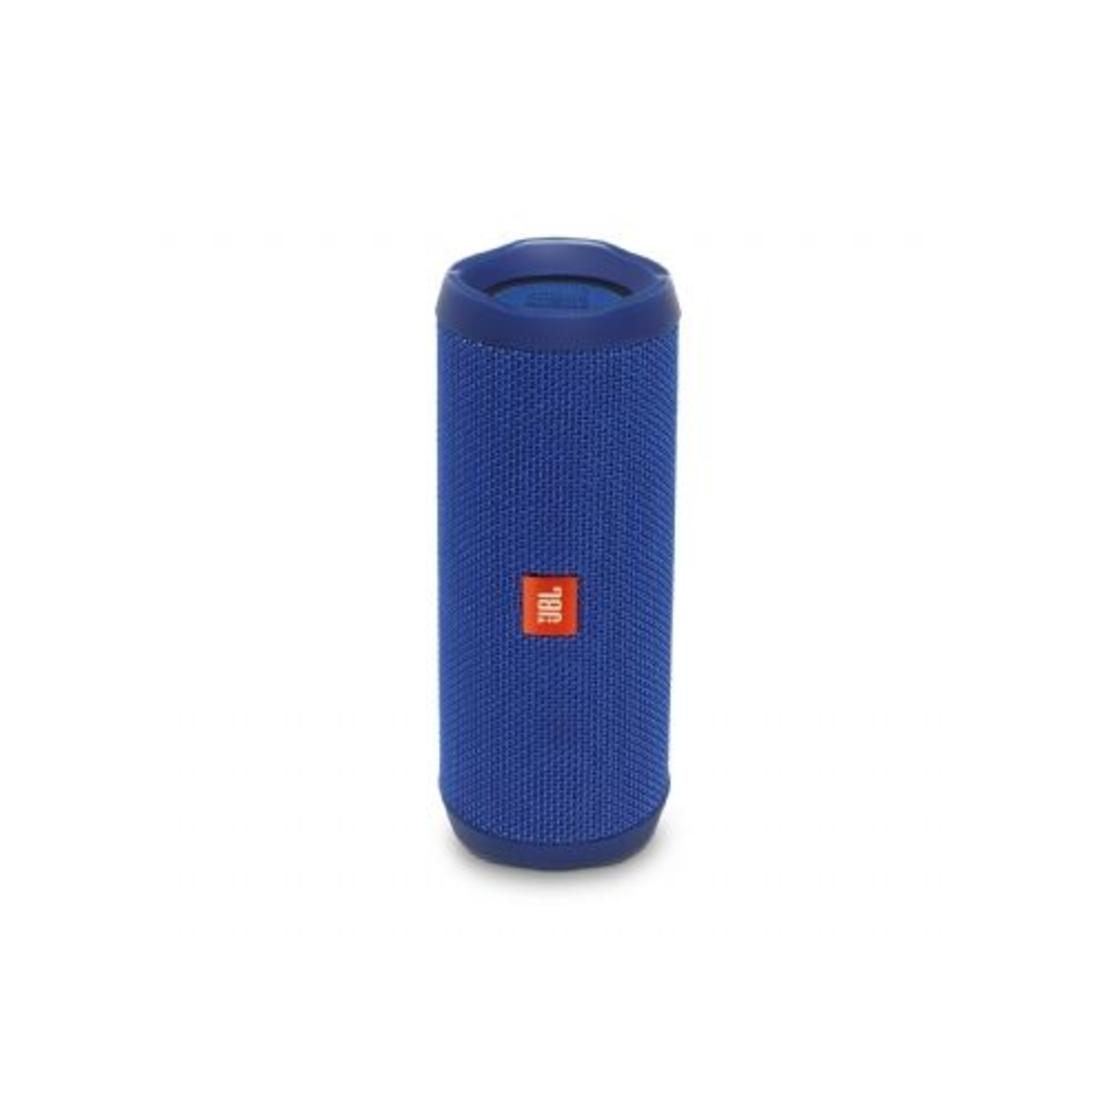 רמקול אלחוטי JBL Flip 4 - כחול